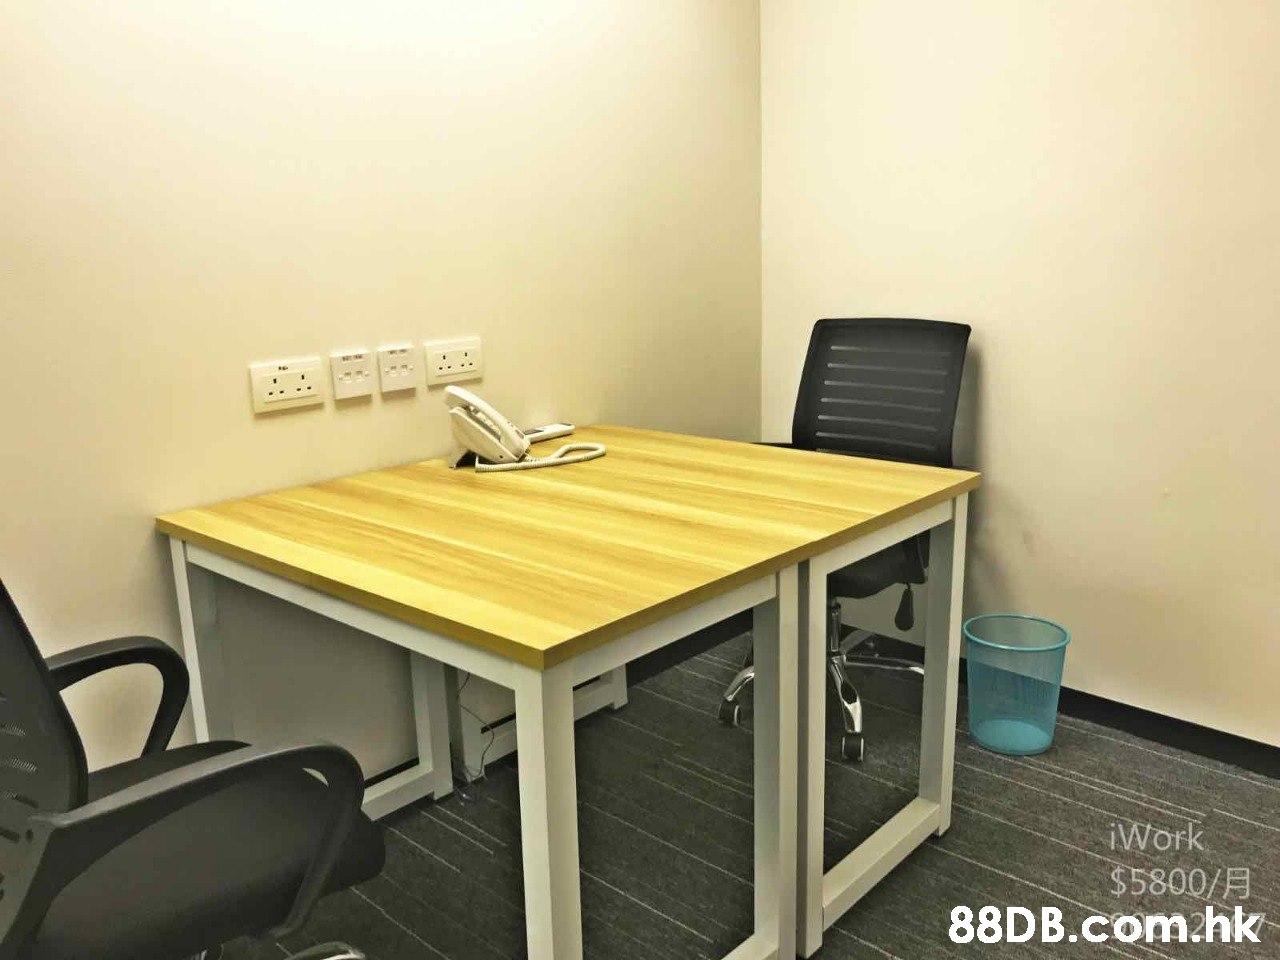 iWork $5800/H .hk  Furniture,Desk,Table,Property,Room